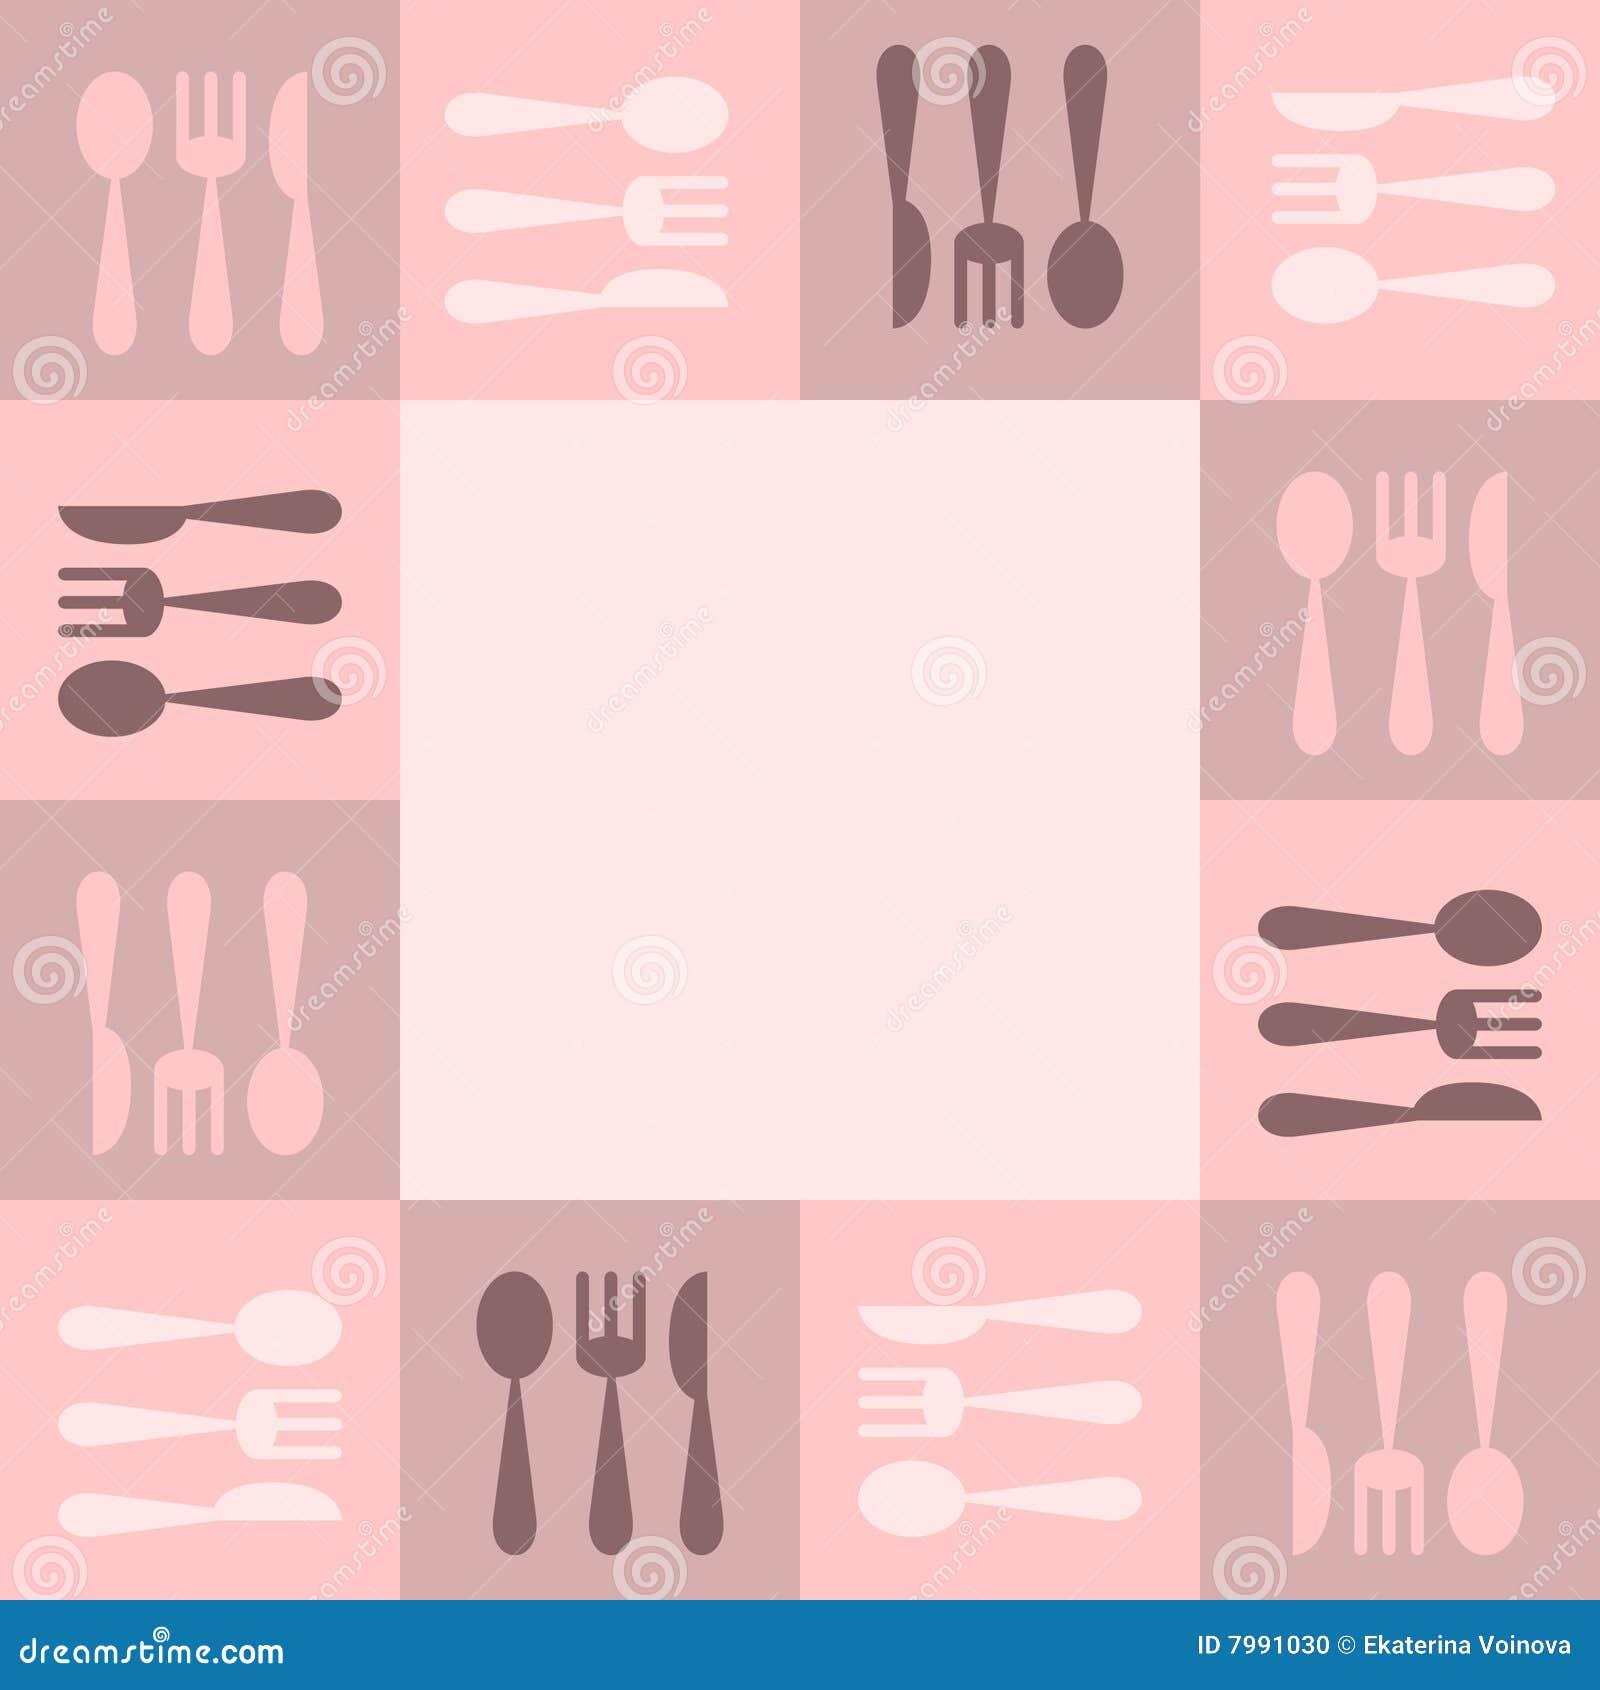 Marco de los utensilios de cocina foto de archivo imagen for Utensilios de cocina fondo